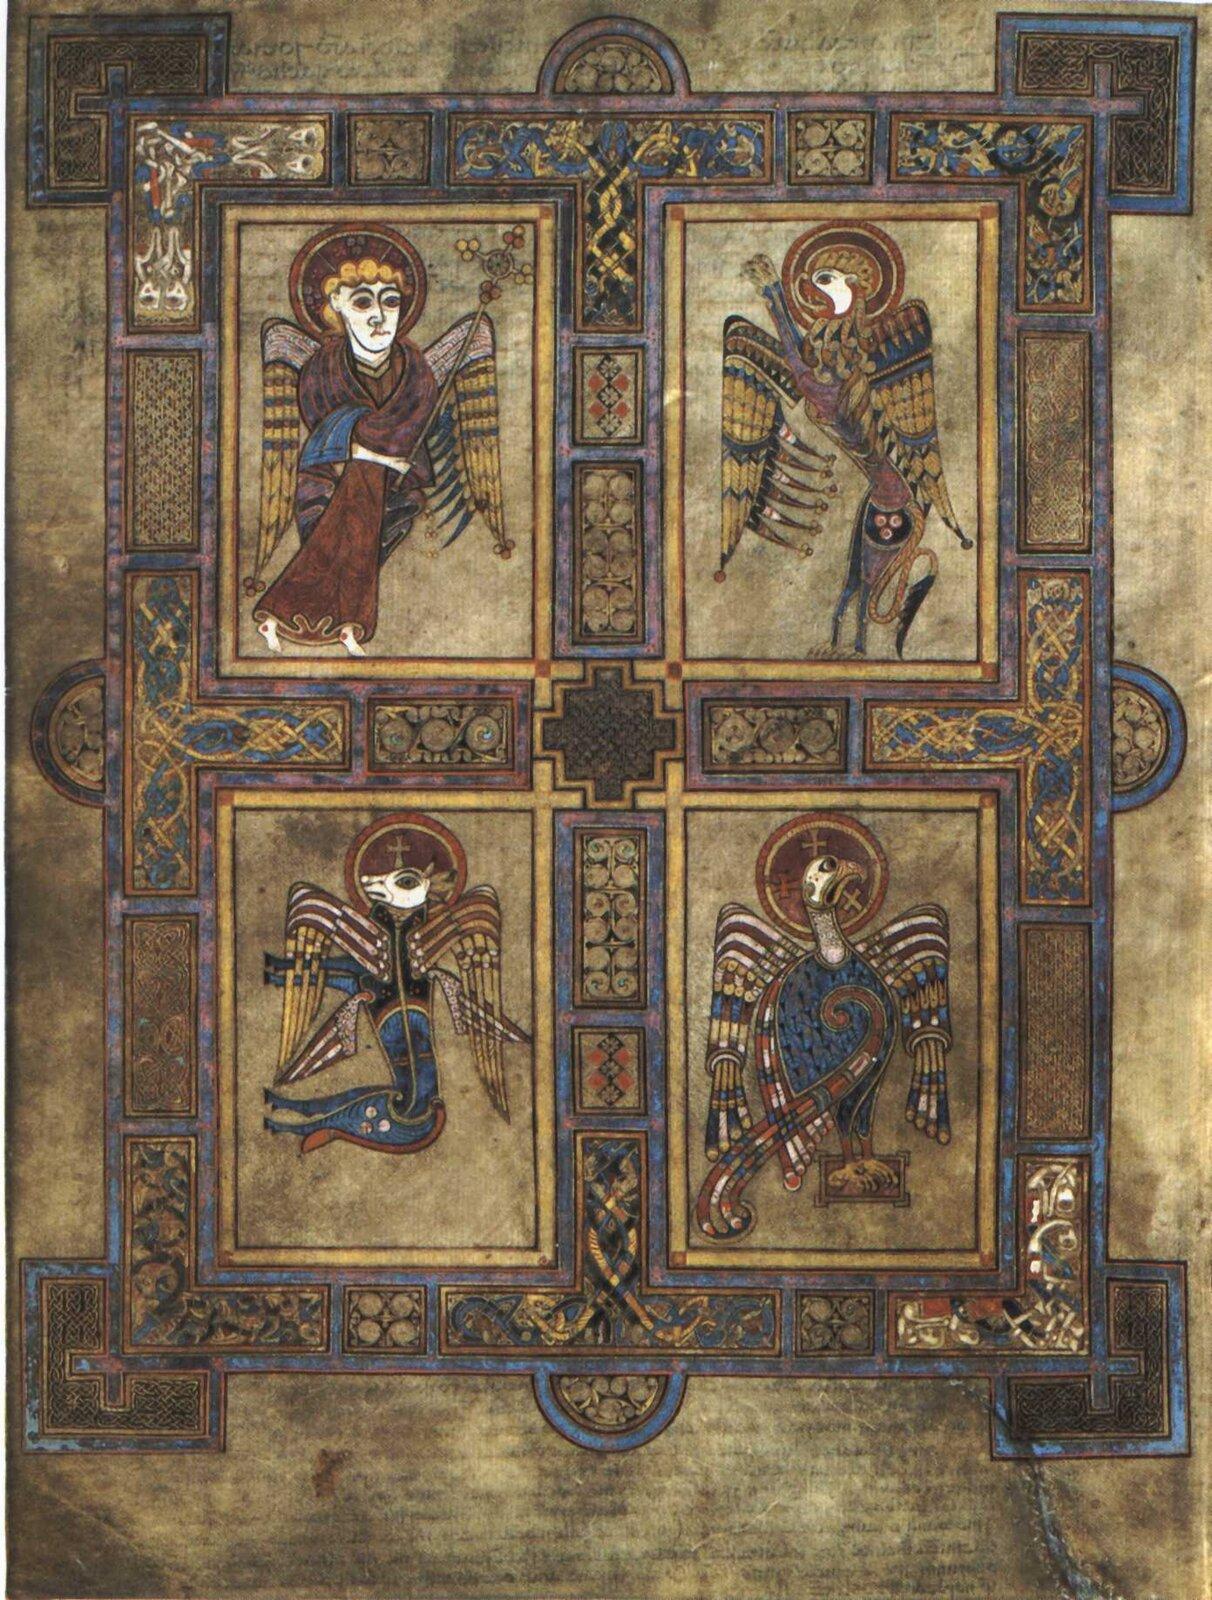 Ilustracja przedstawia stronę zKsięgi zKells. Na fotografii widzimy symbole czterech ewangelistów.